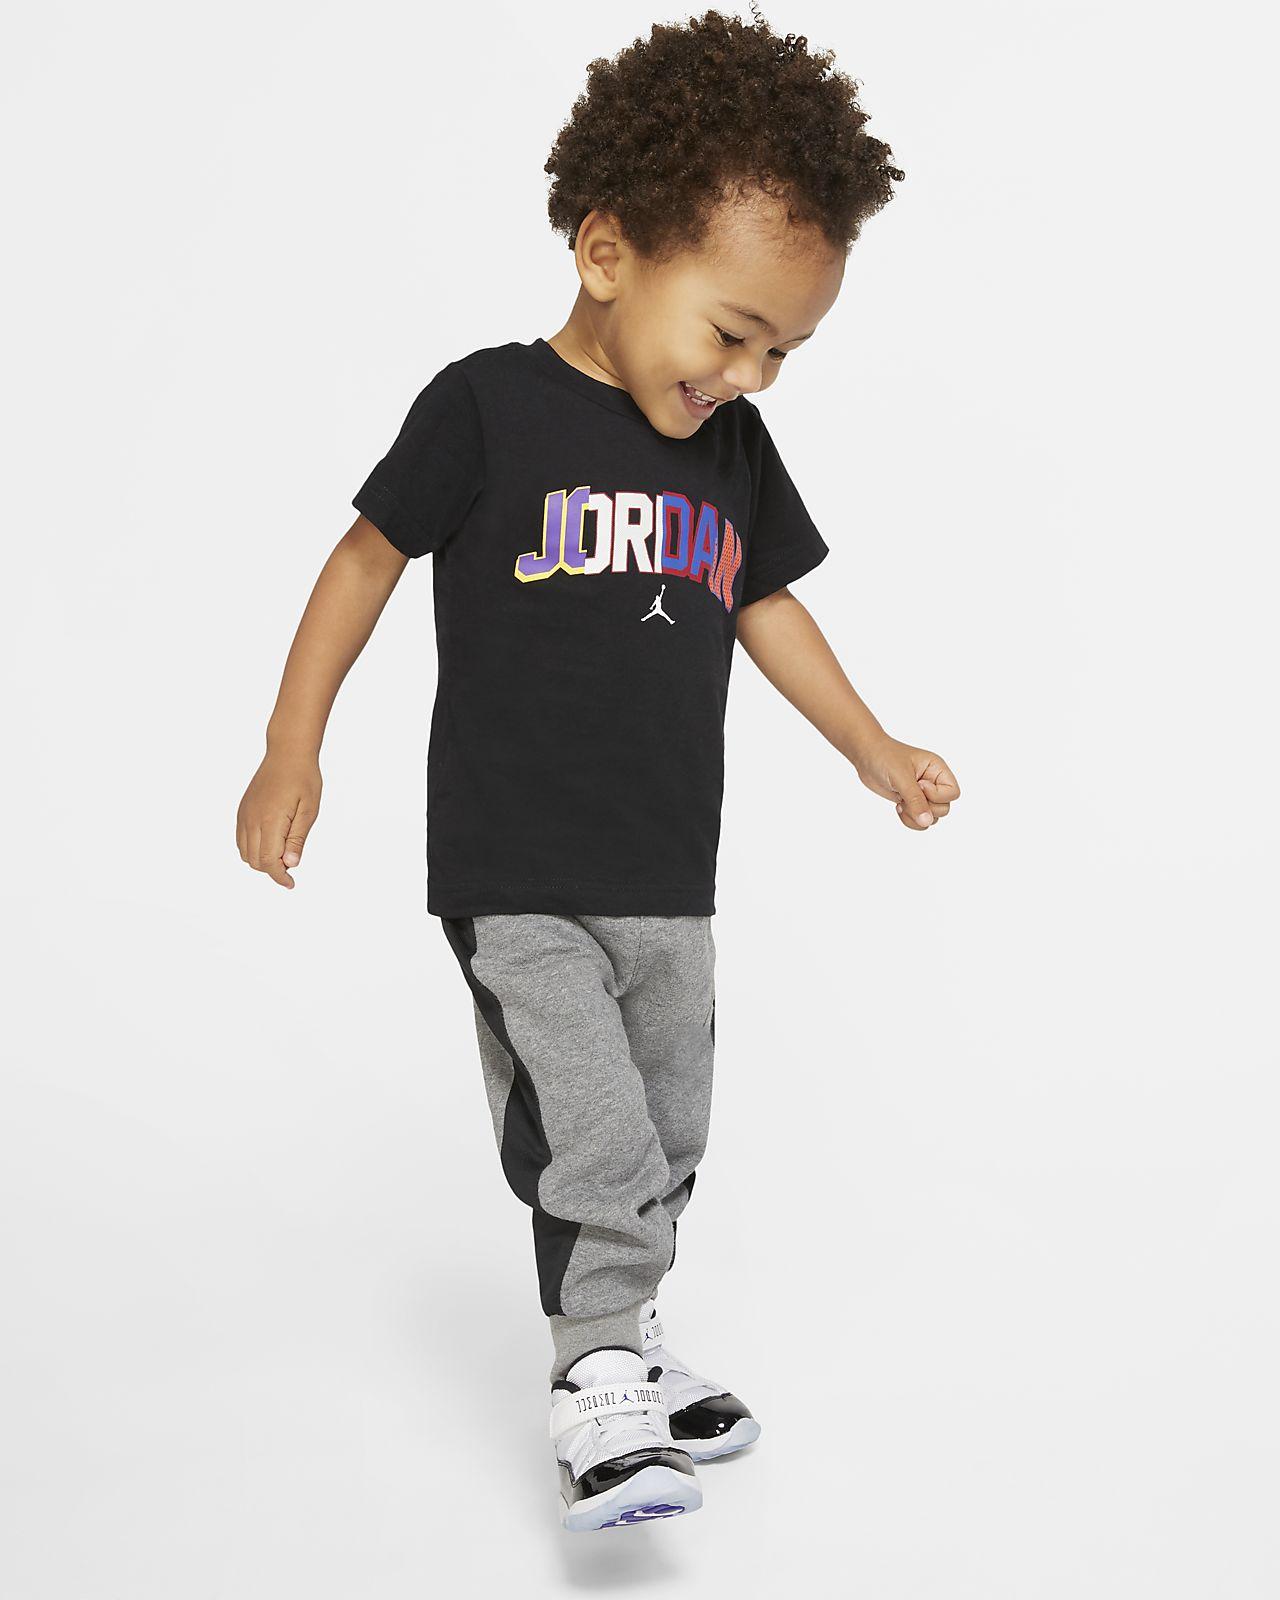 Jordan Toddler T-Shirt & Joggers 2-Piece Set